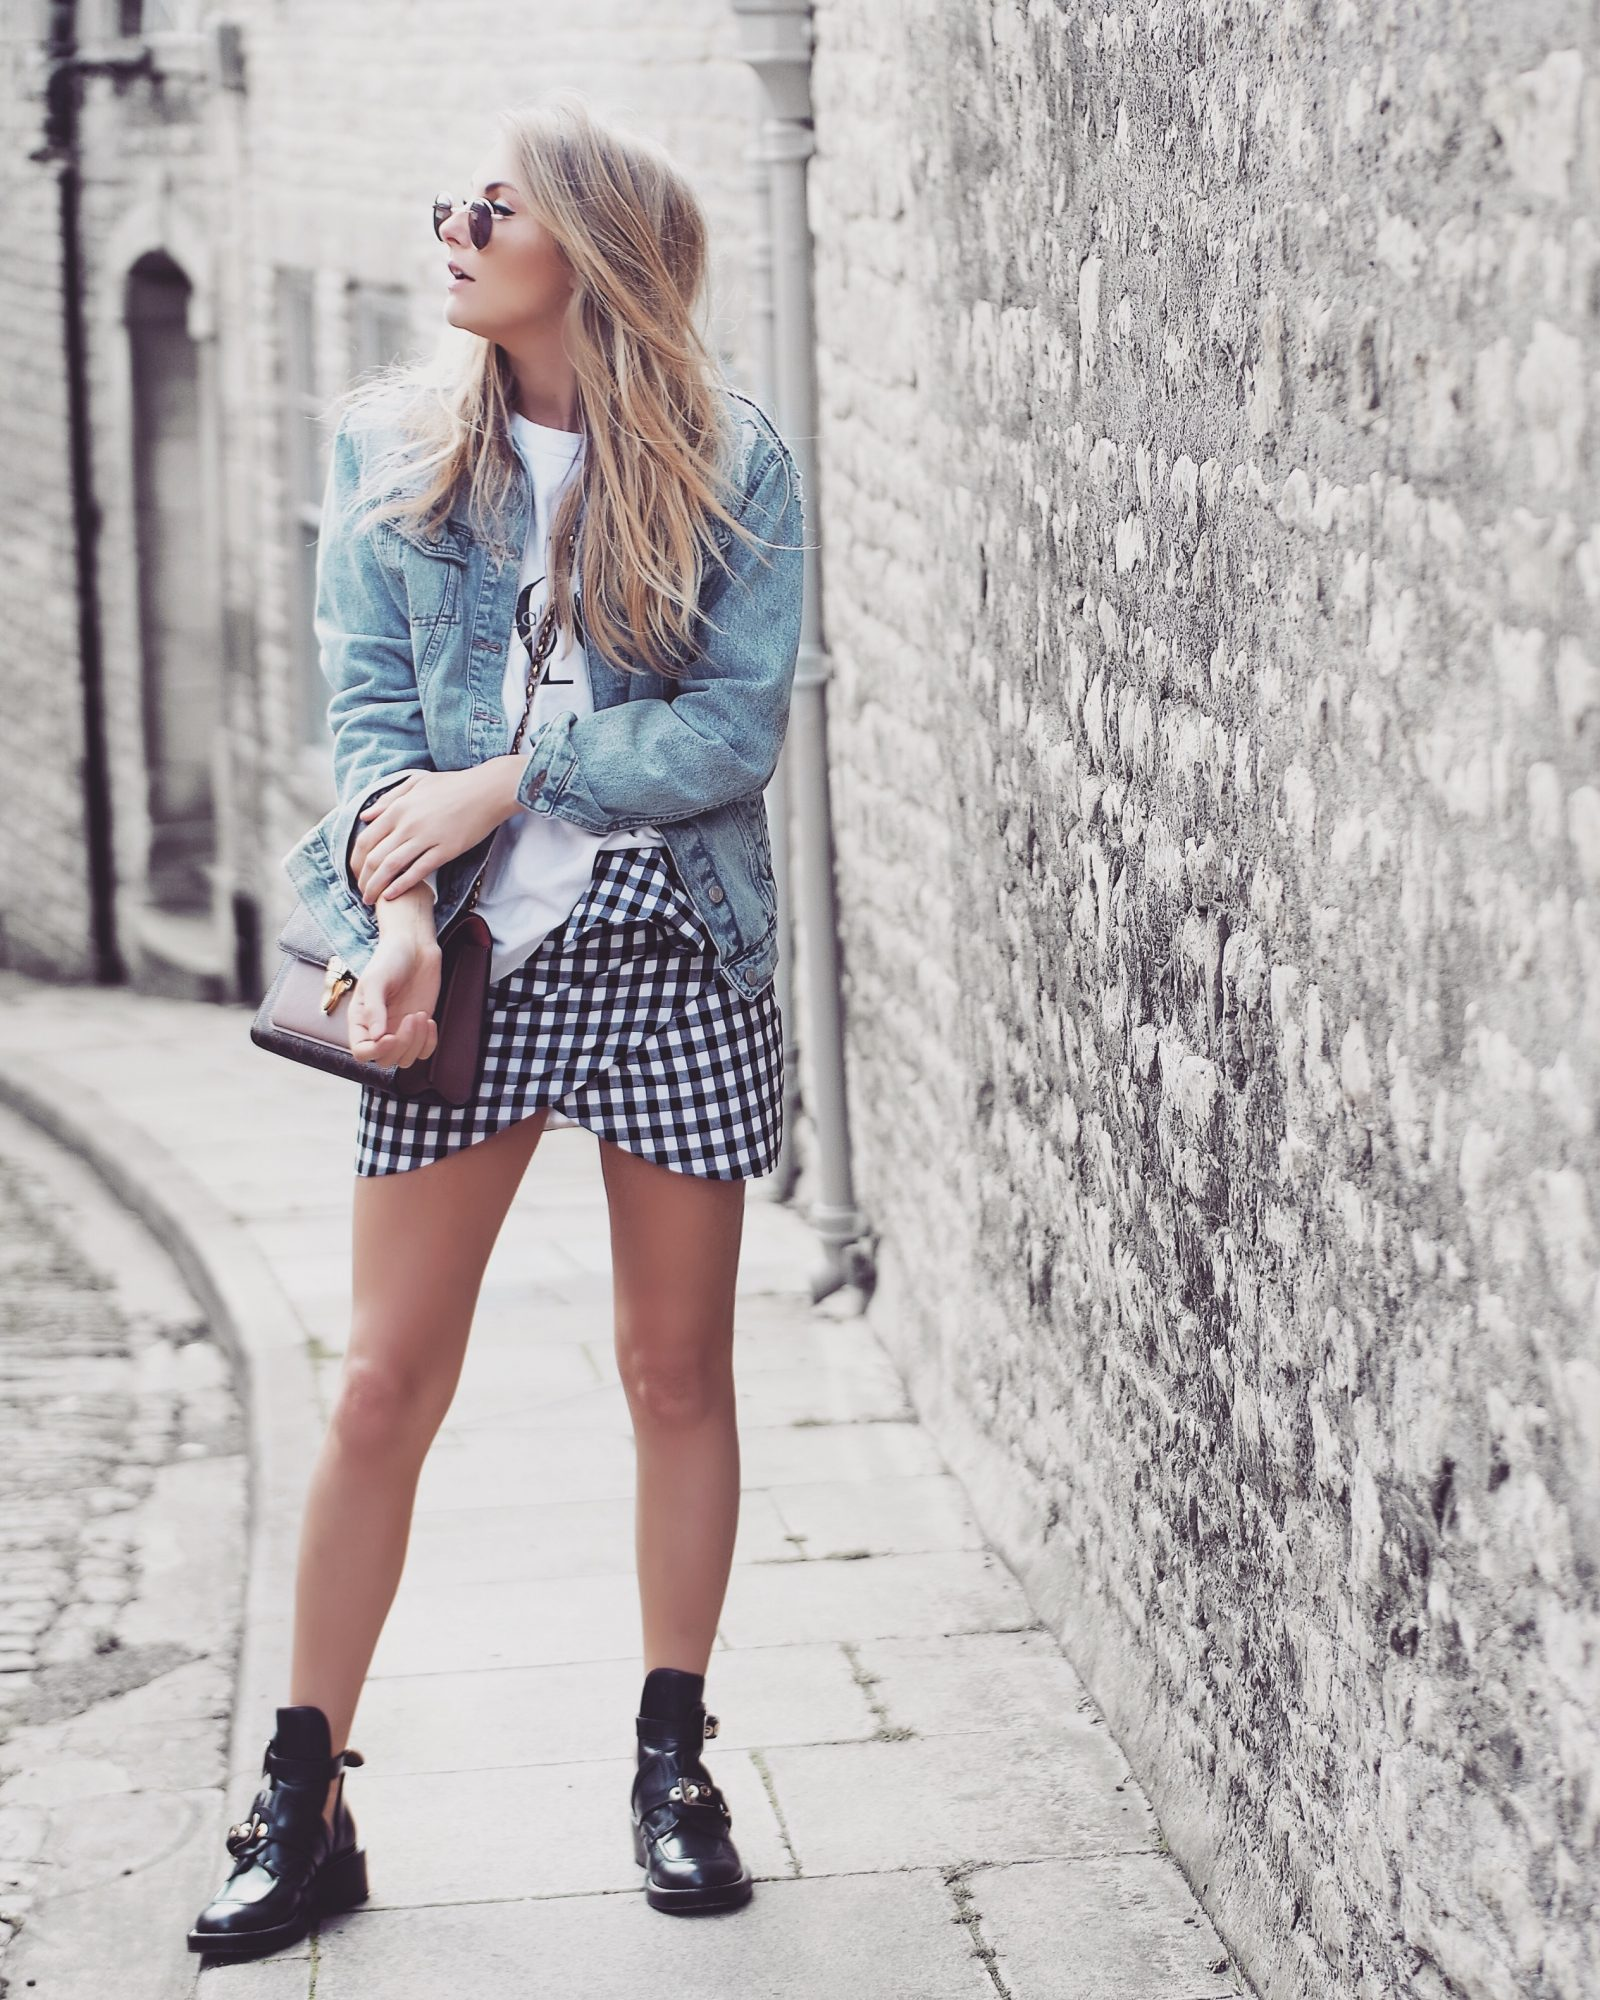 Gingham Skirt Street Style